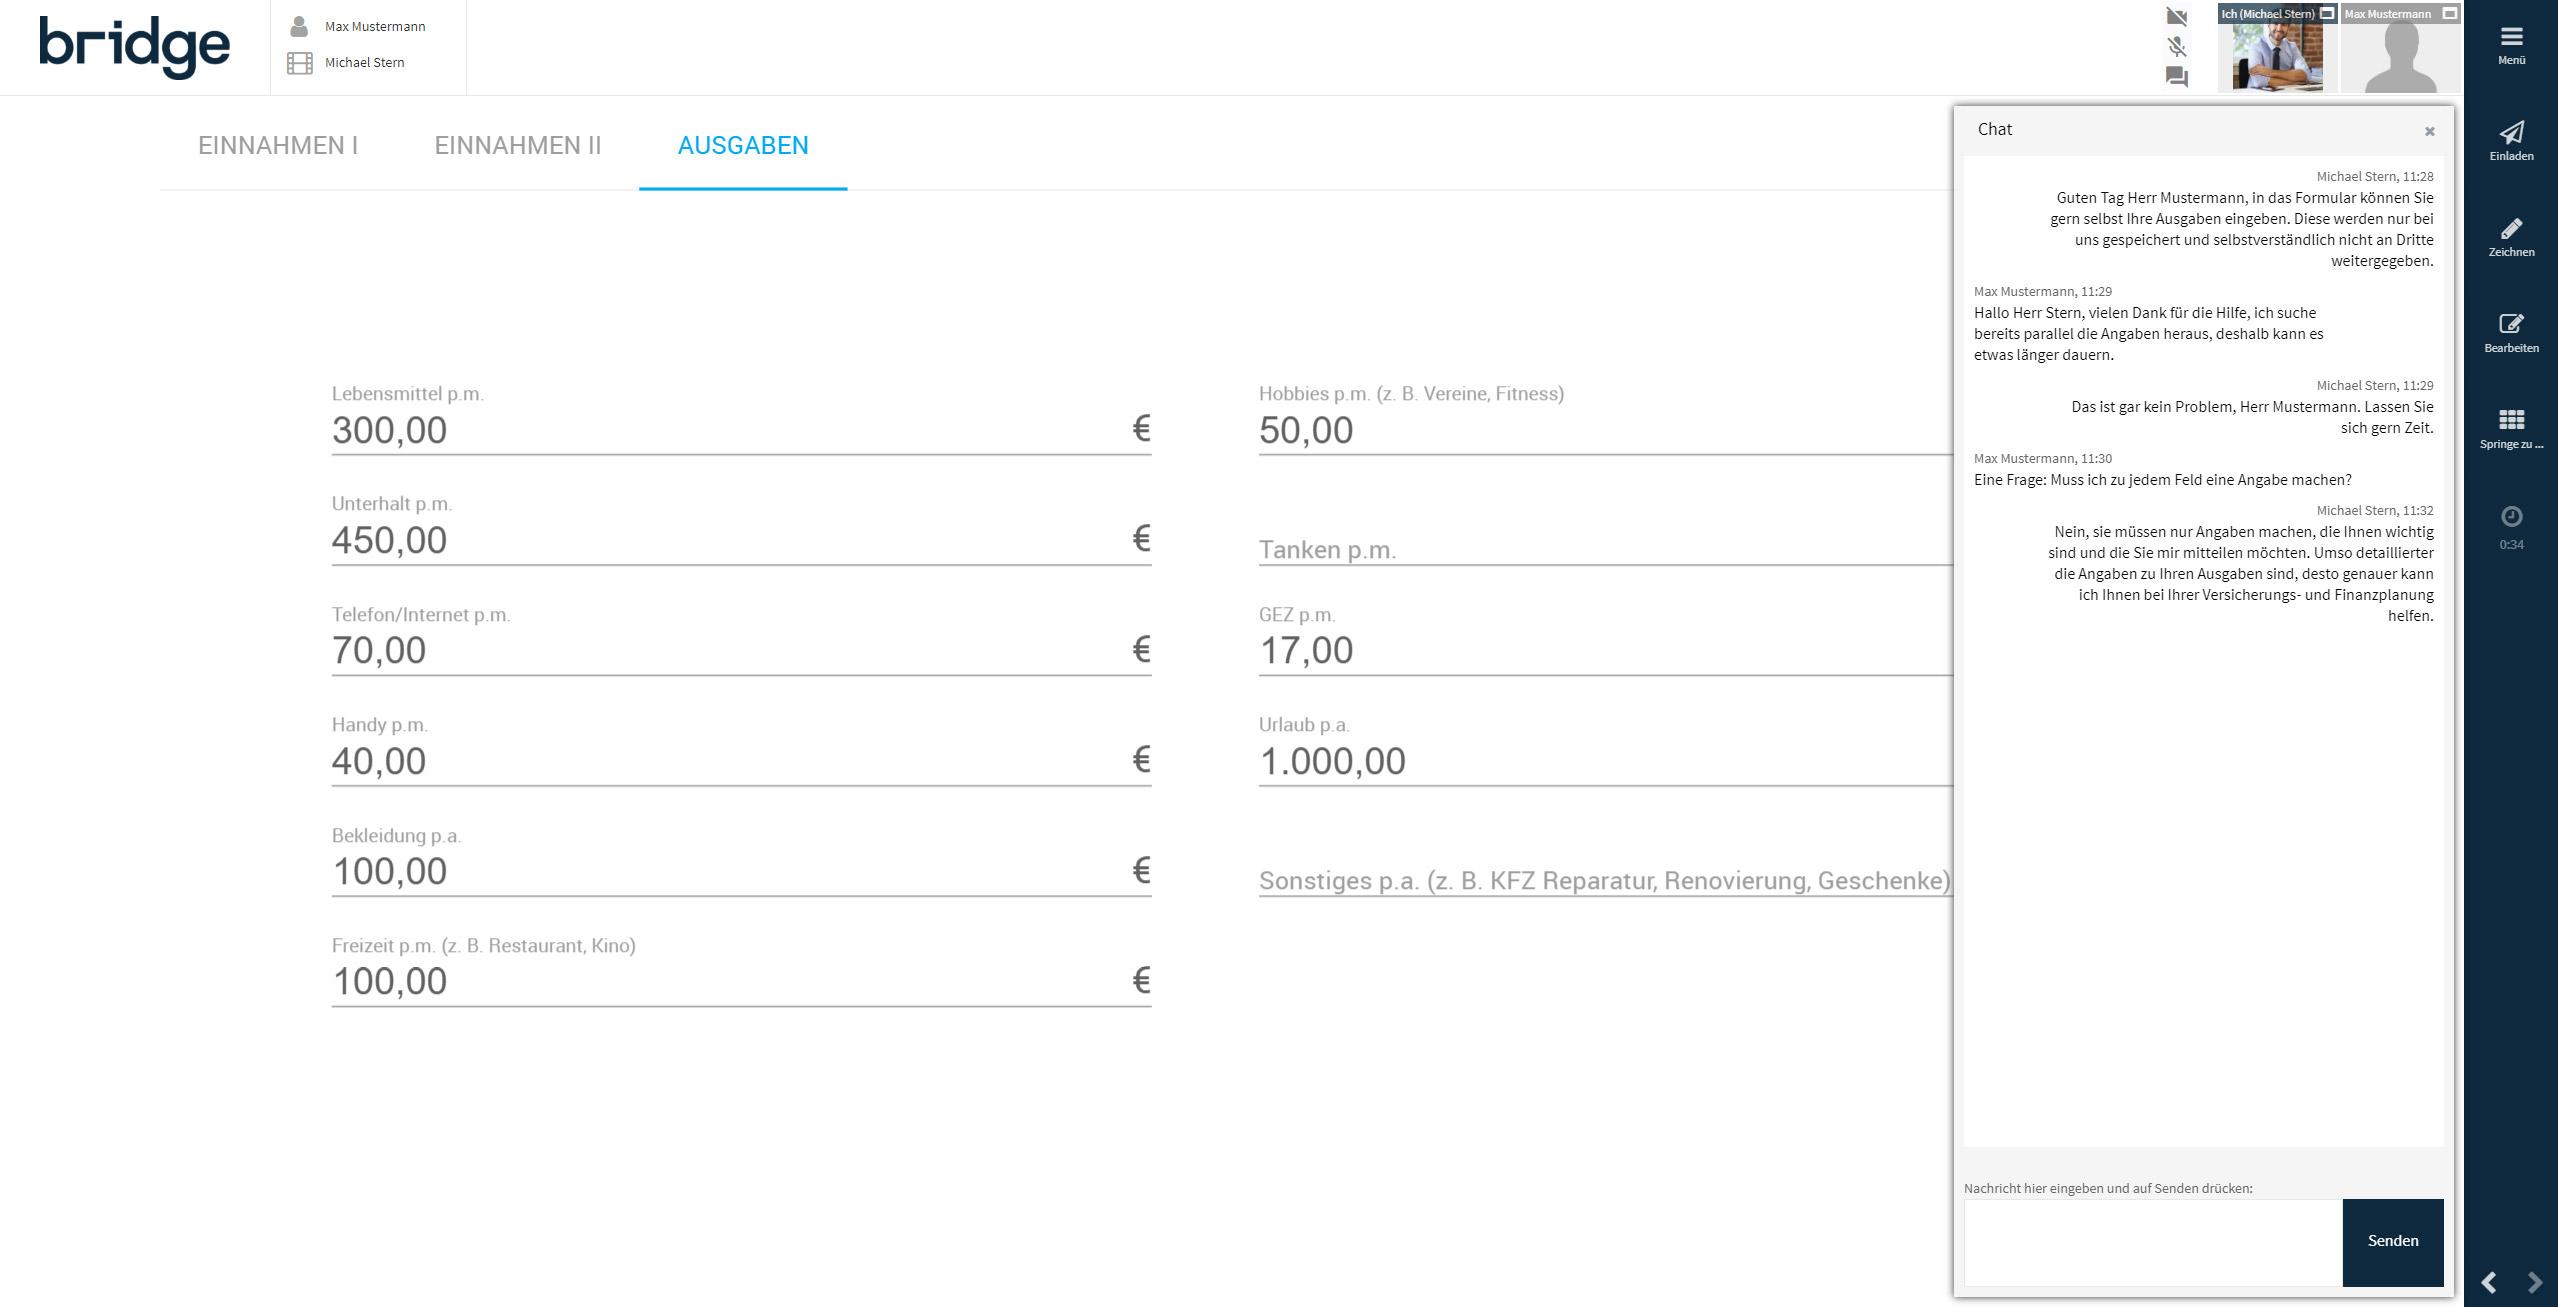 Screen der Bridge Beratungssoftware während einer Online-Beratung mit einem Live-Textchat.